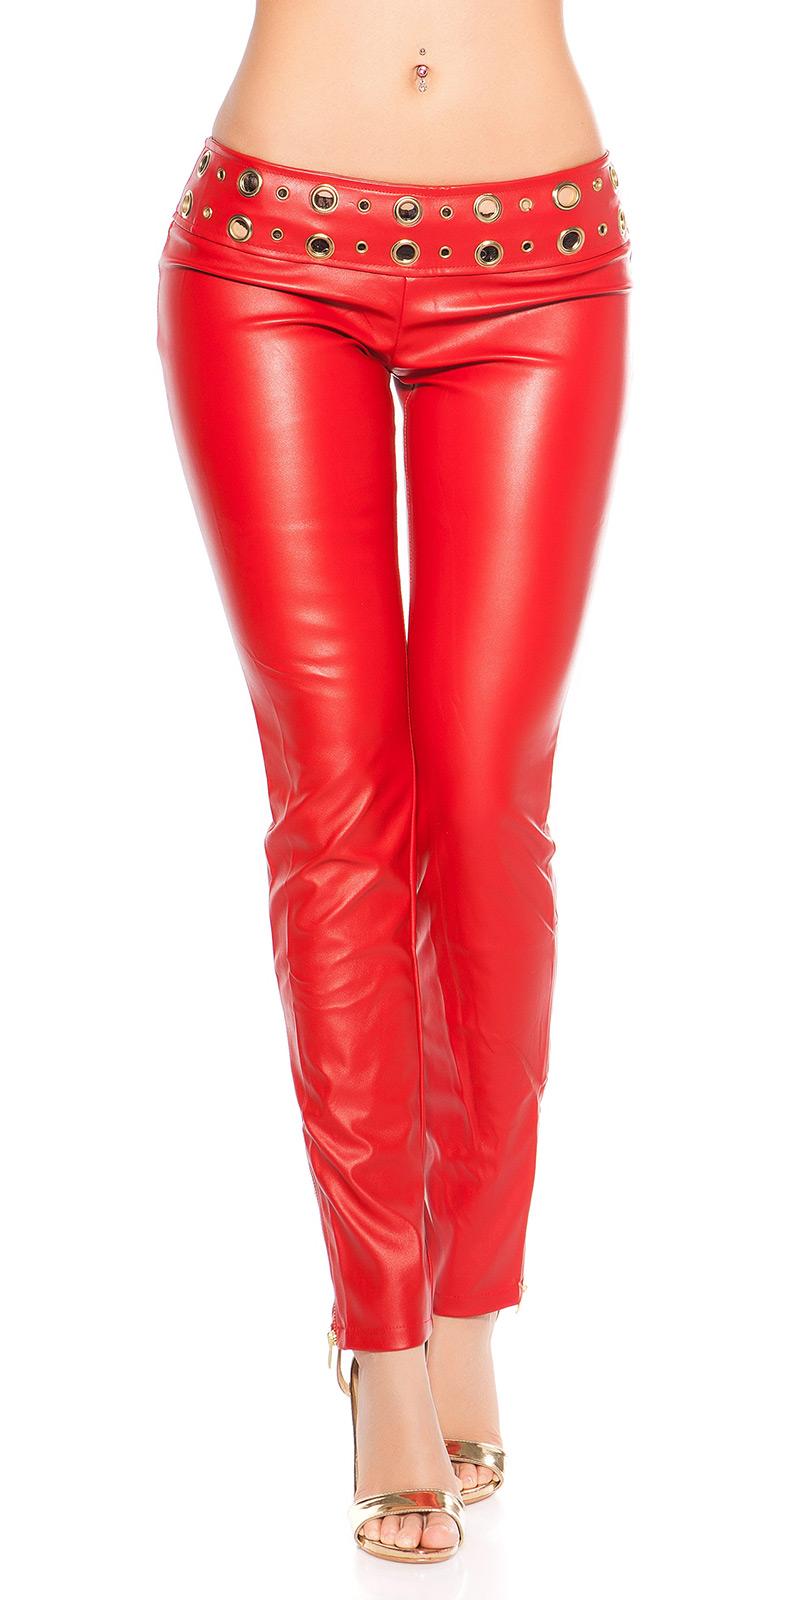 bestbewertetes Original suche nach neuestem Tropfenverschiffen Trendstylez - Sexy Skinny Lederhose